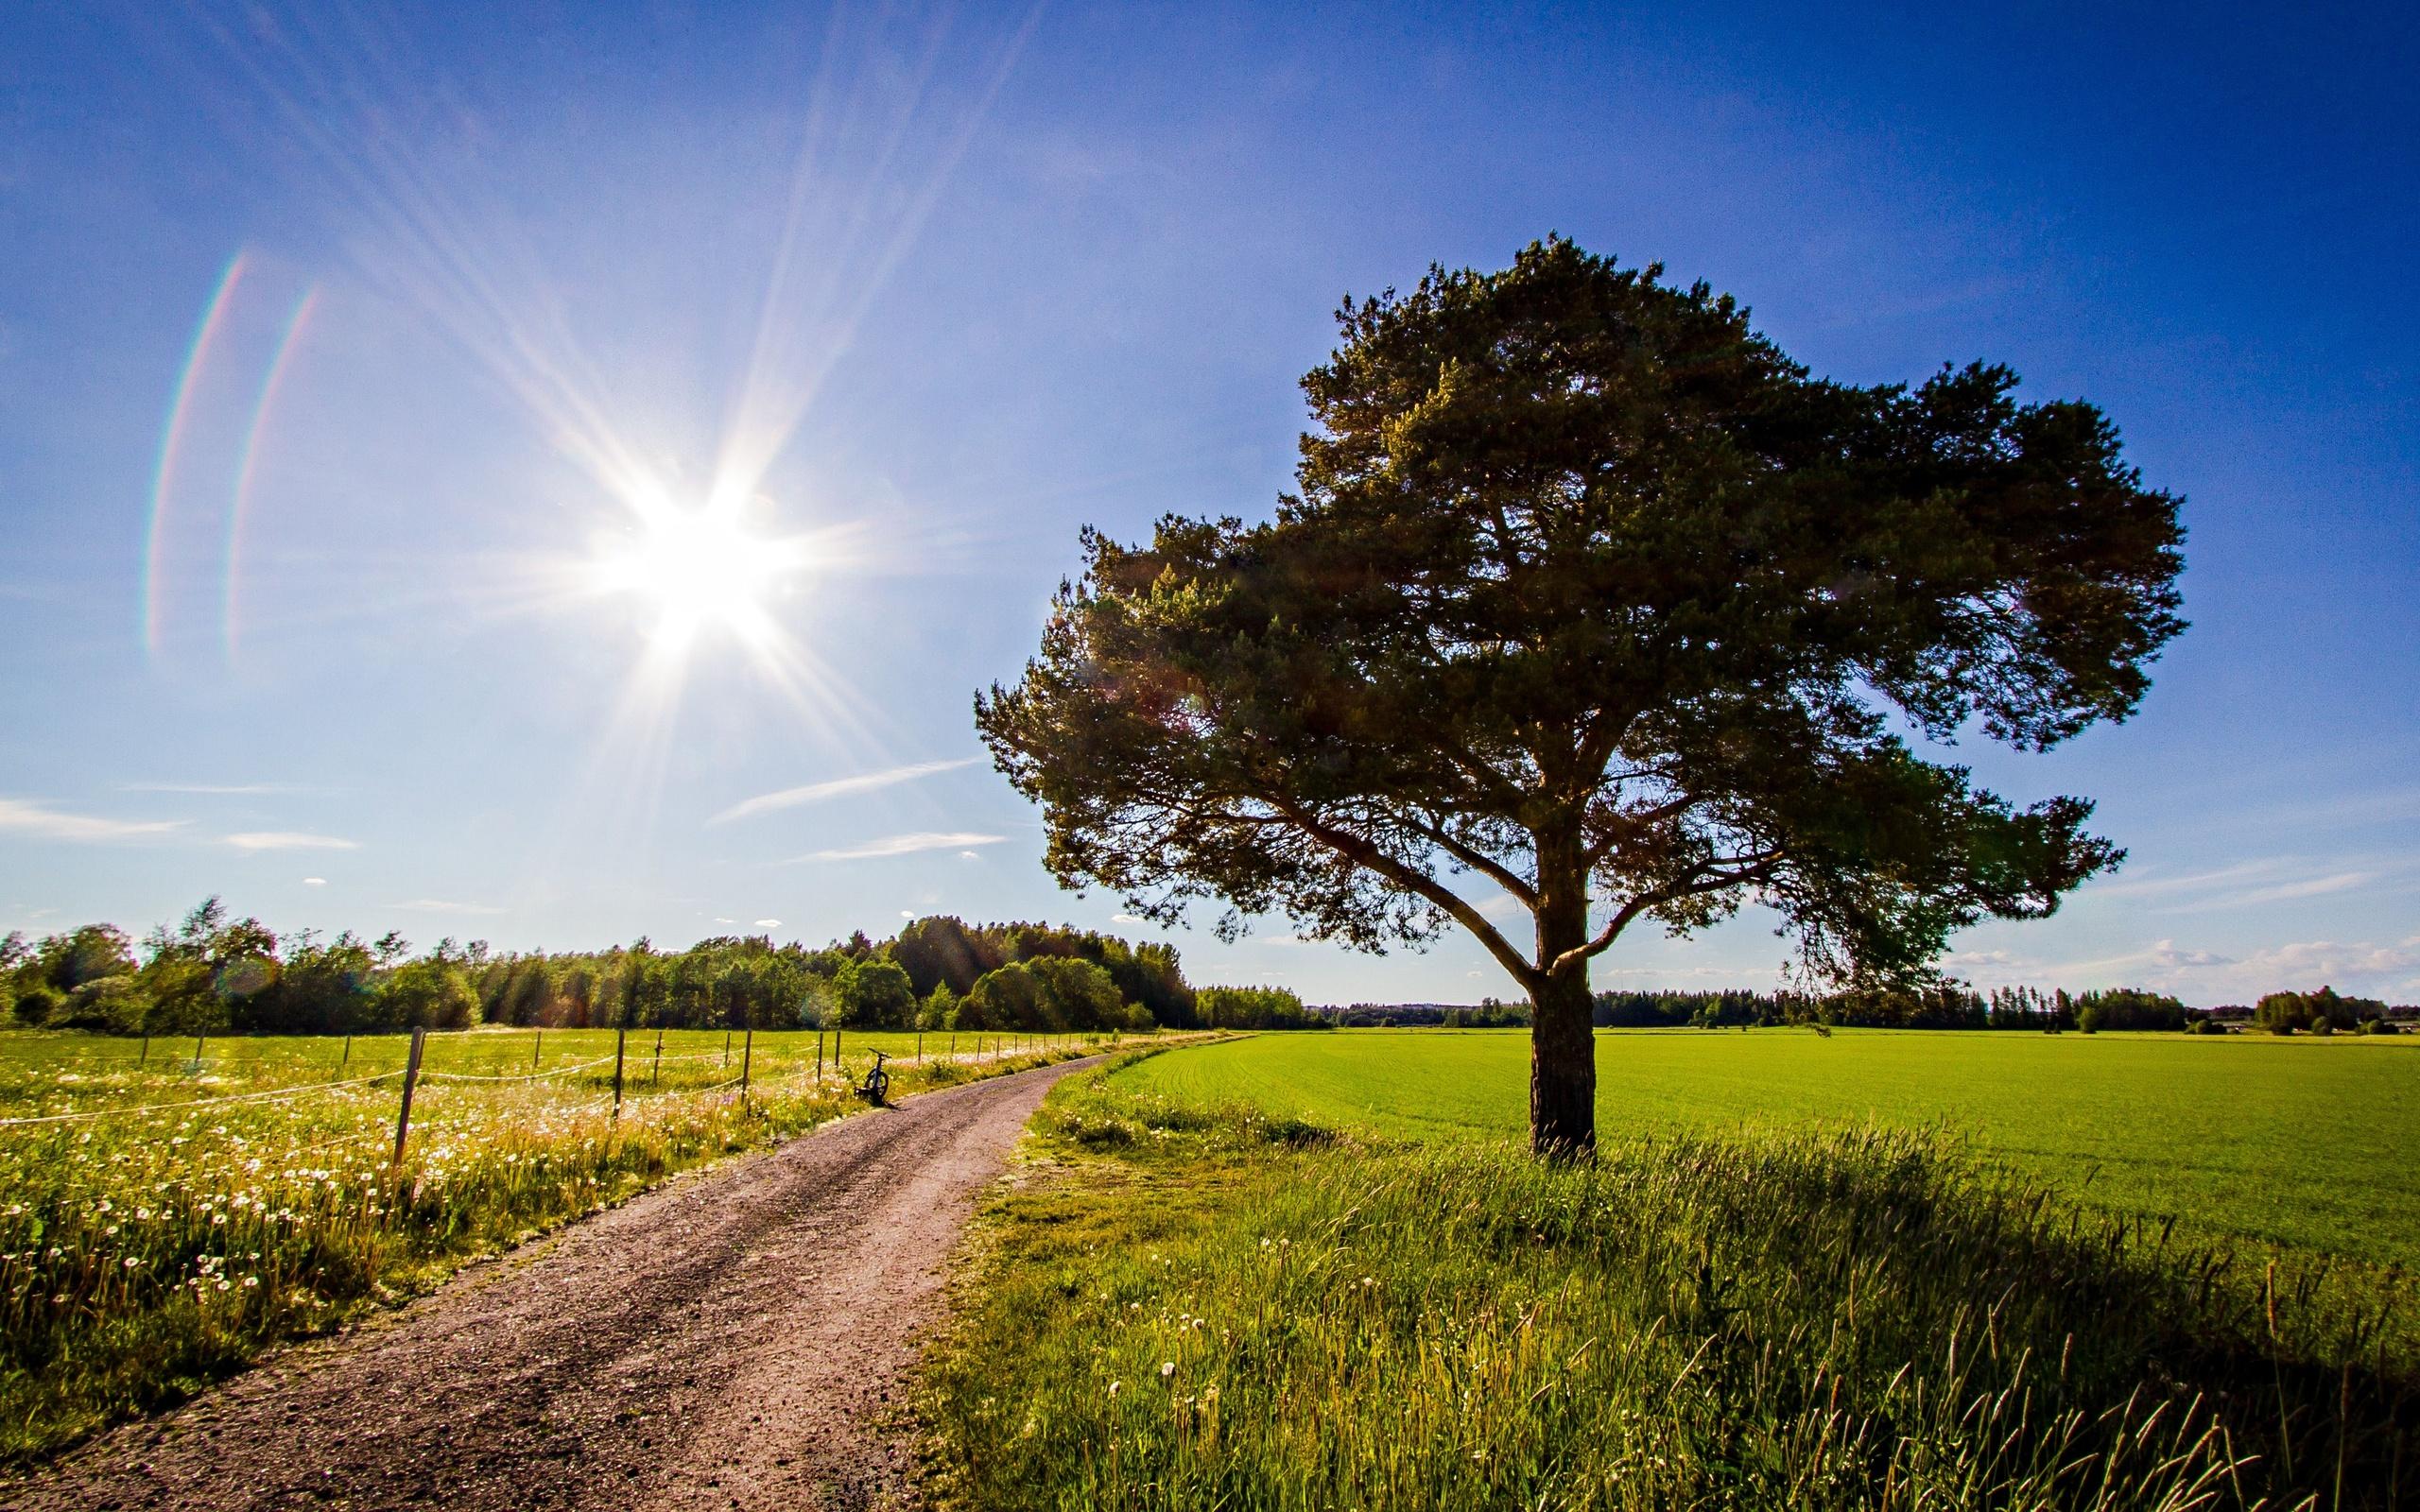 дорога, солнце, трава, деревья  № 3117697 бесплатно